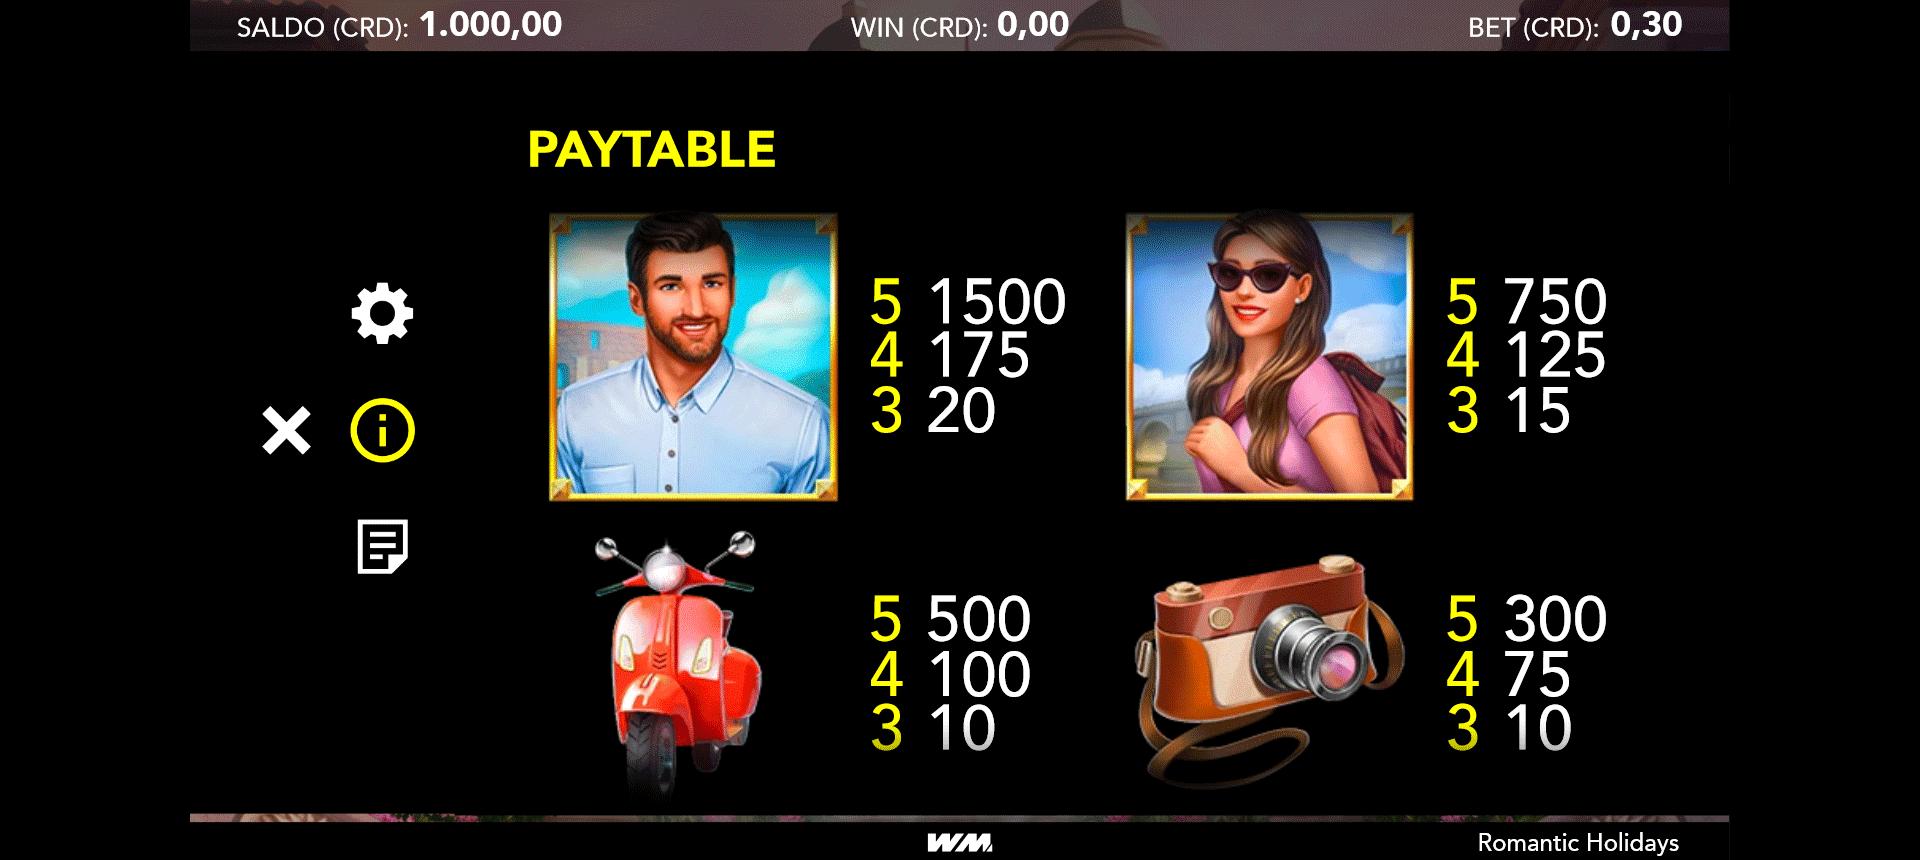 tabella dei simboli della slot machine romantic holidays